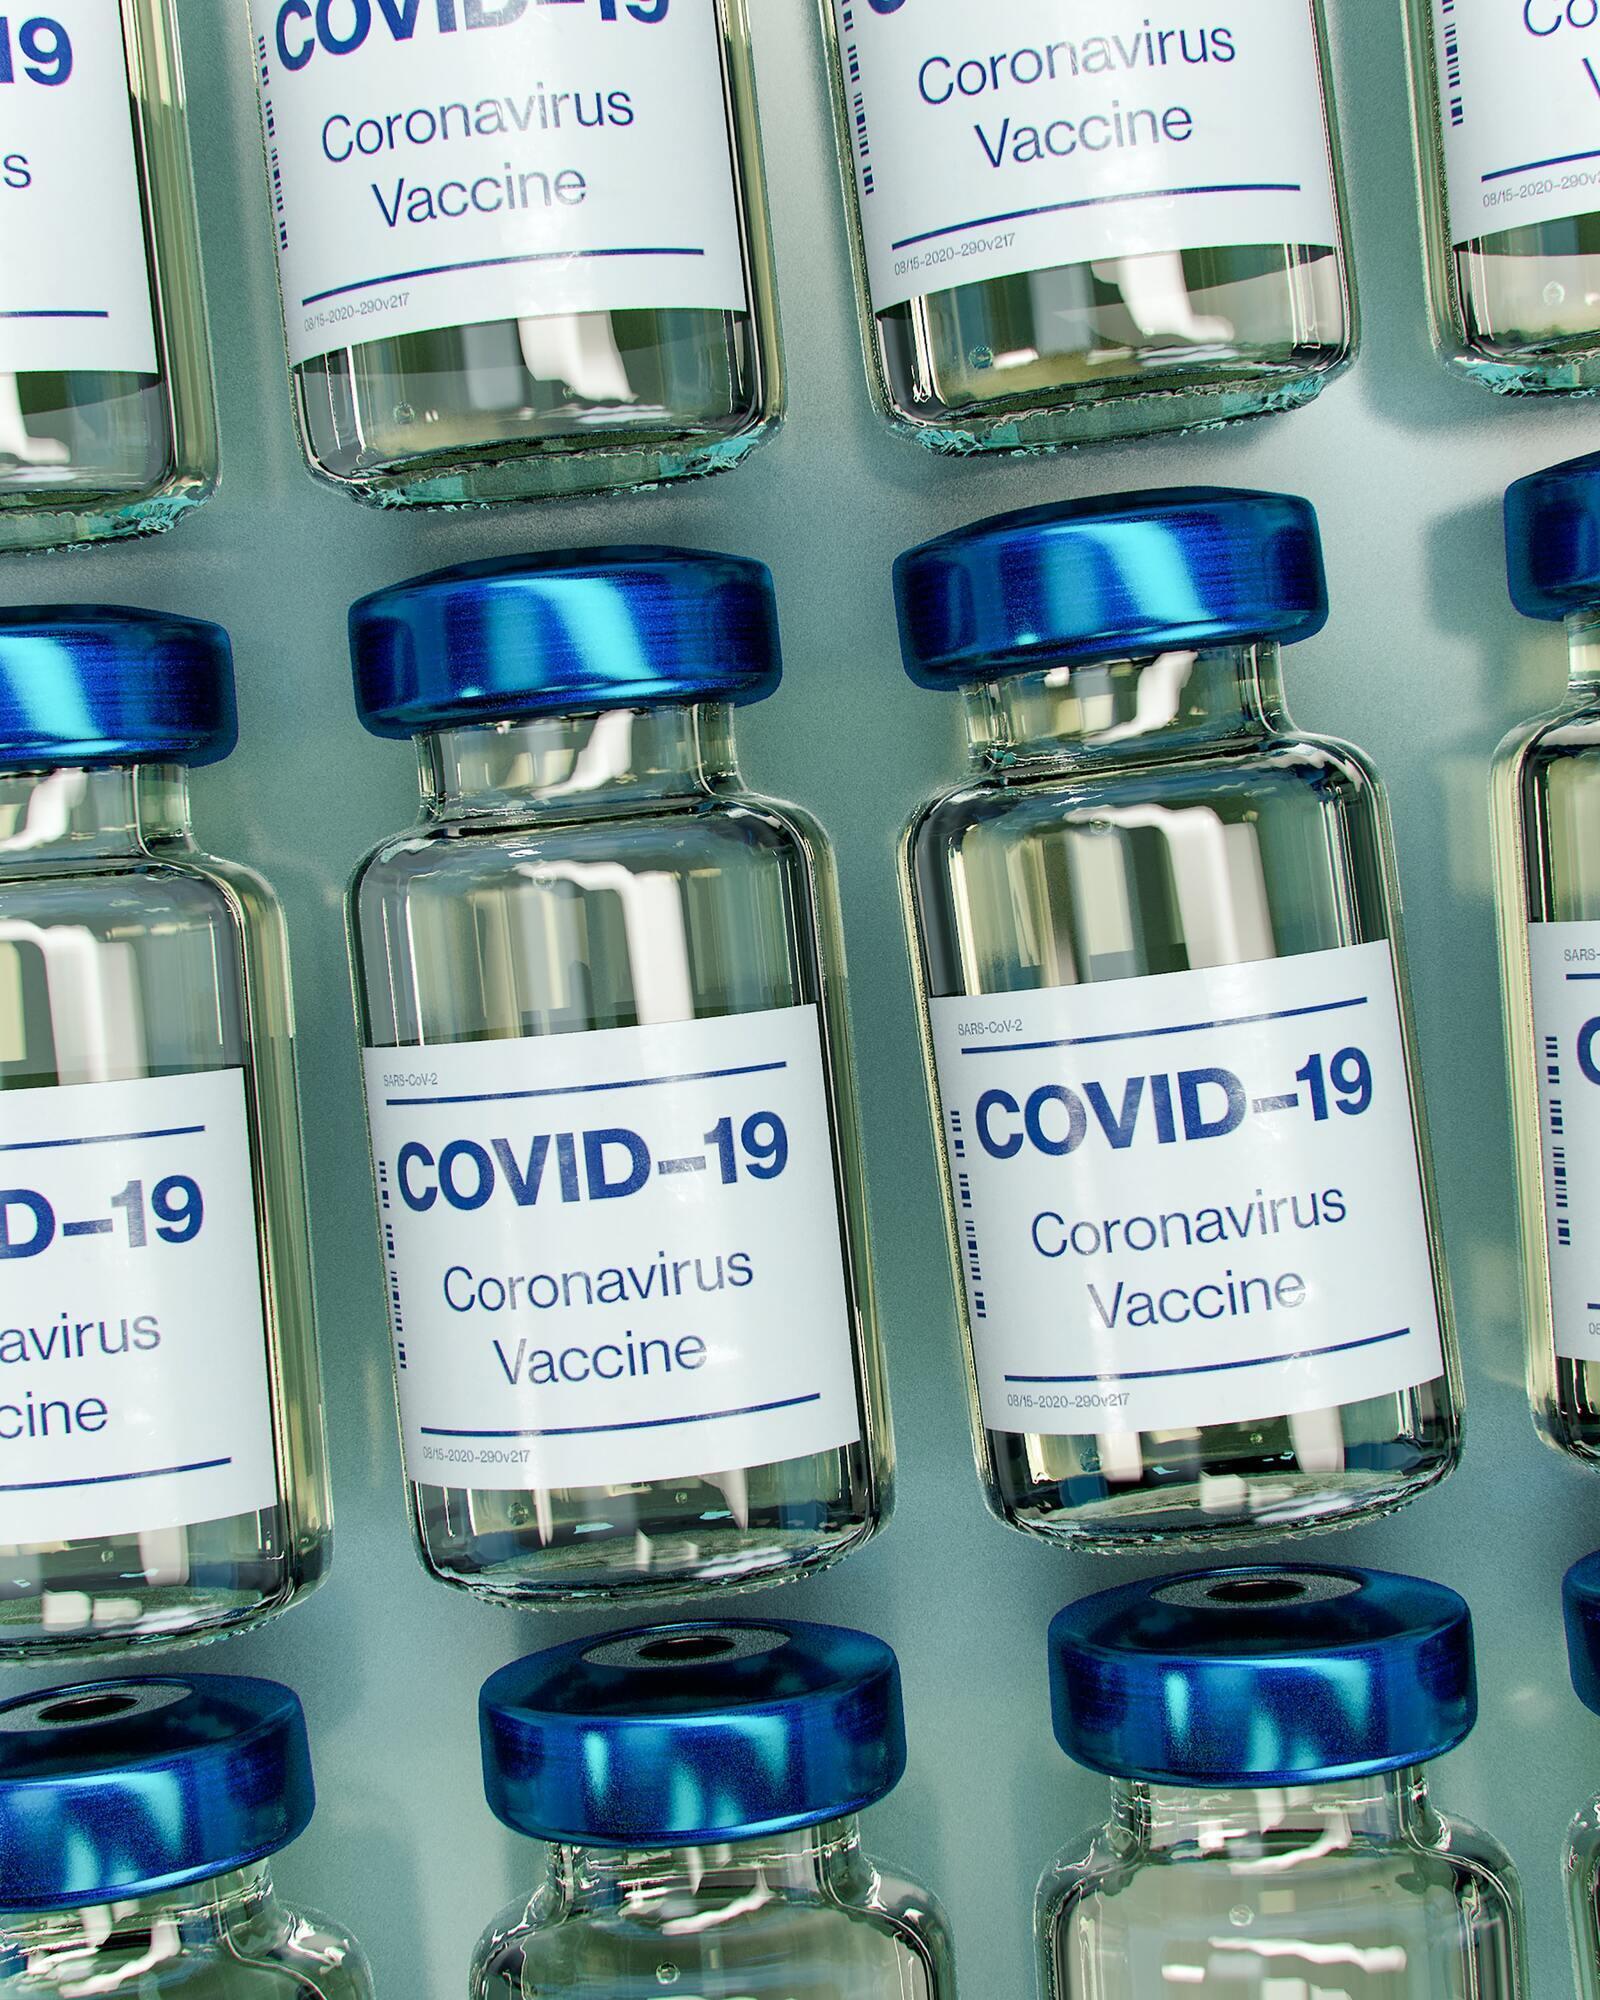 Ймовірно, країнам належить проведення щорічної ревакцинації від коронавірусу